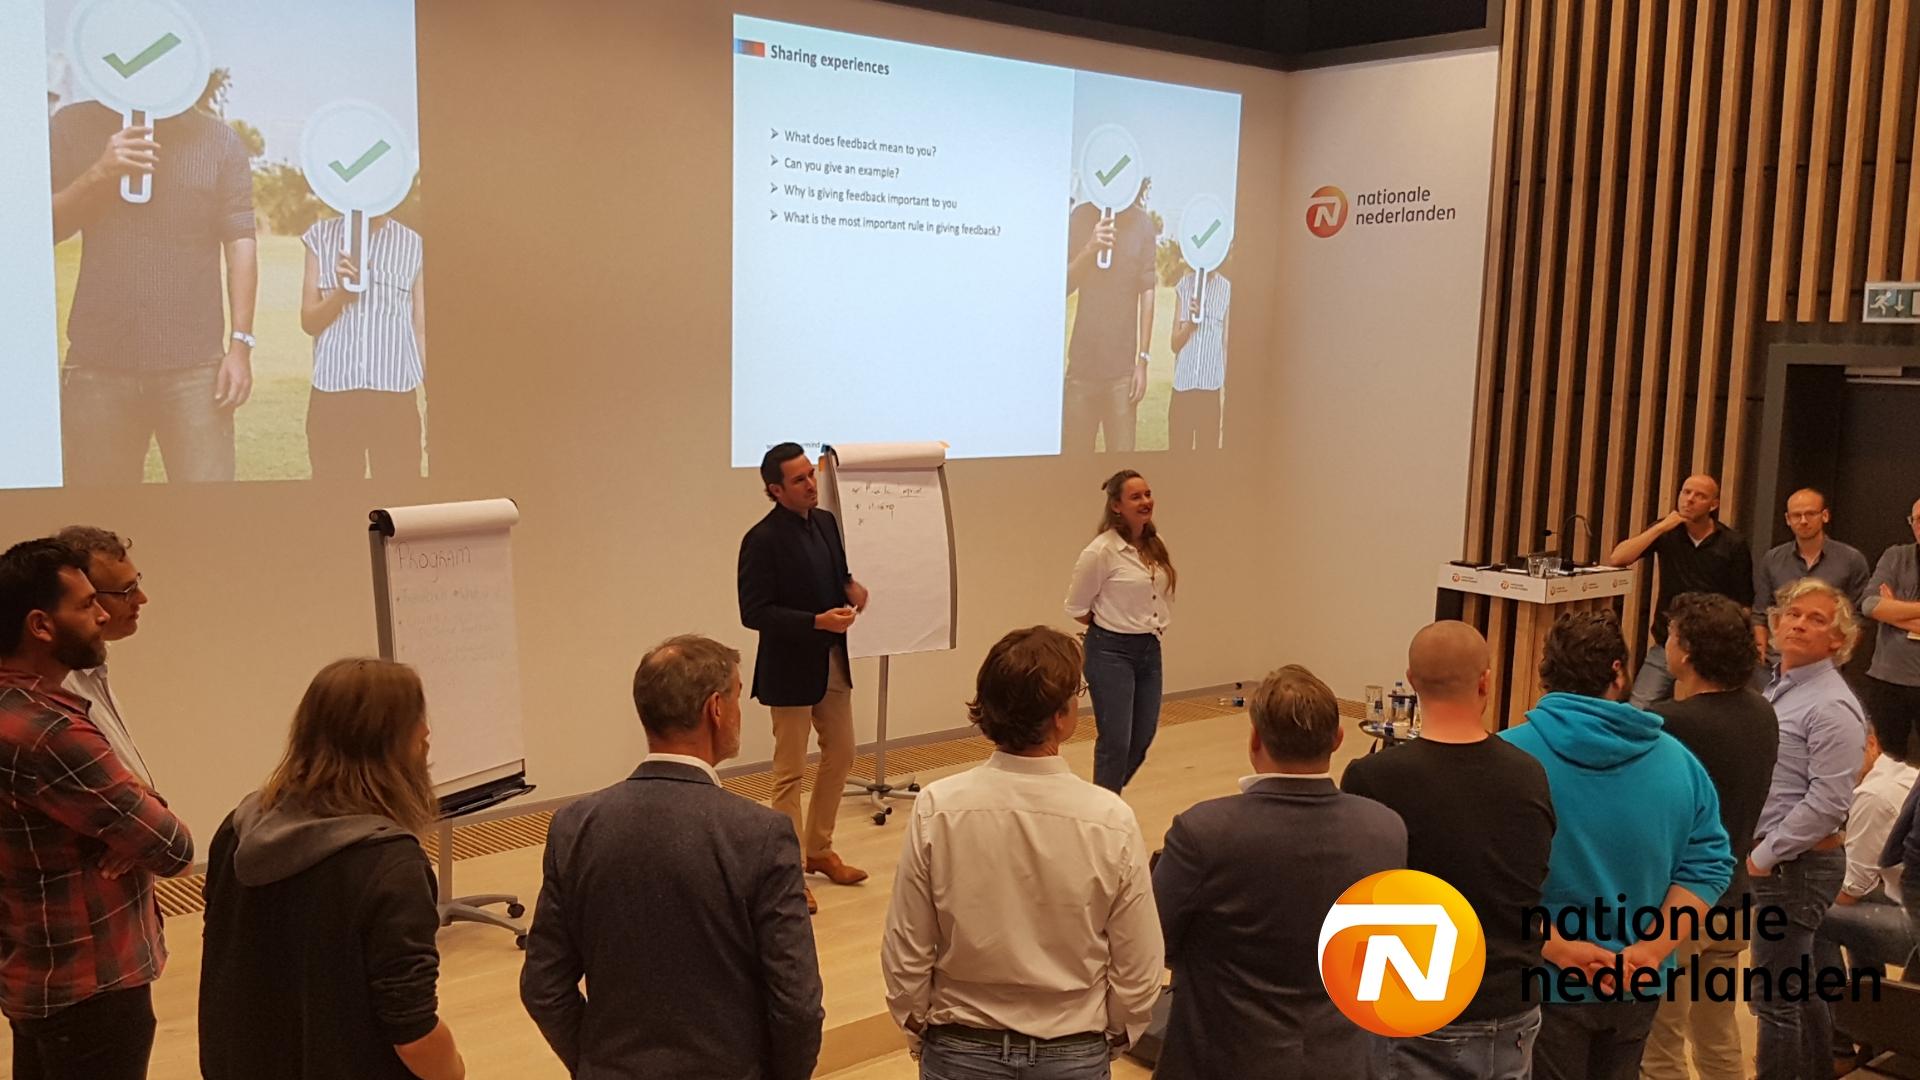 Nationale Nederlanden - Communicatie - Jerry van Staveren 10